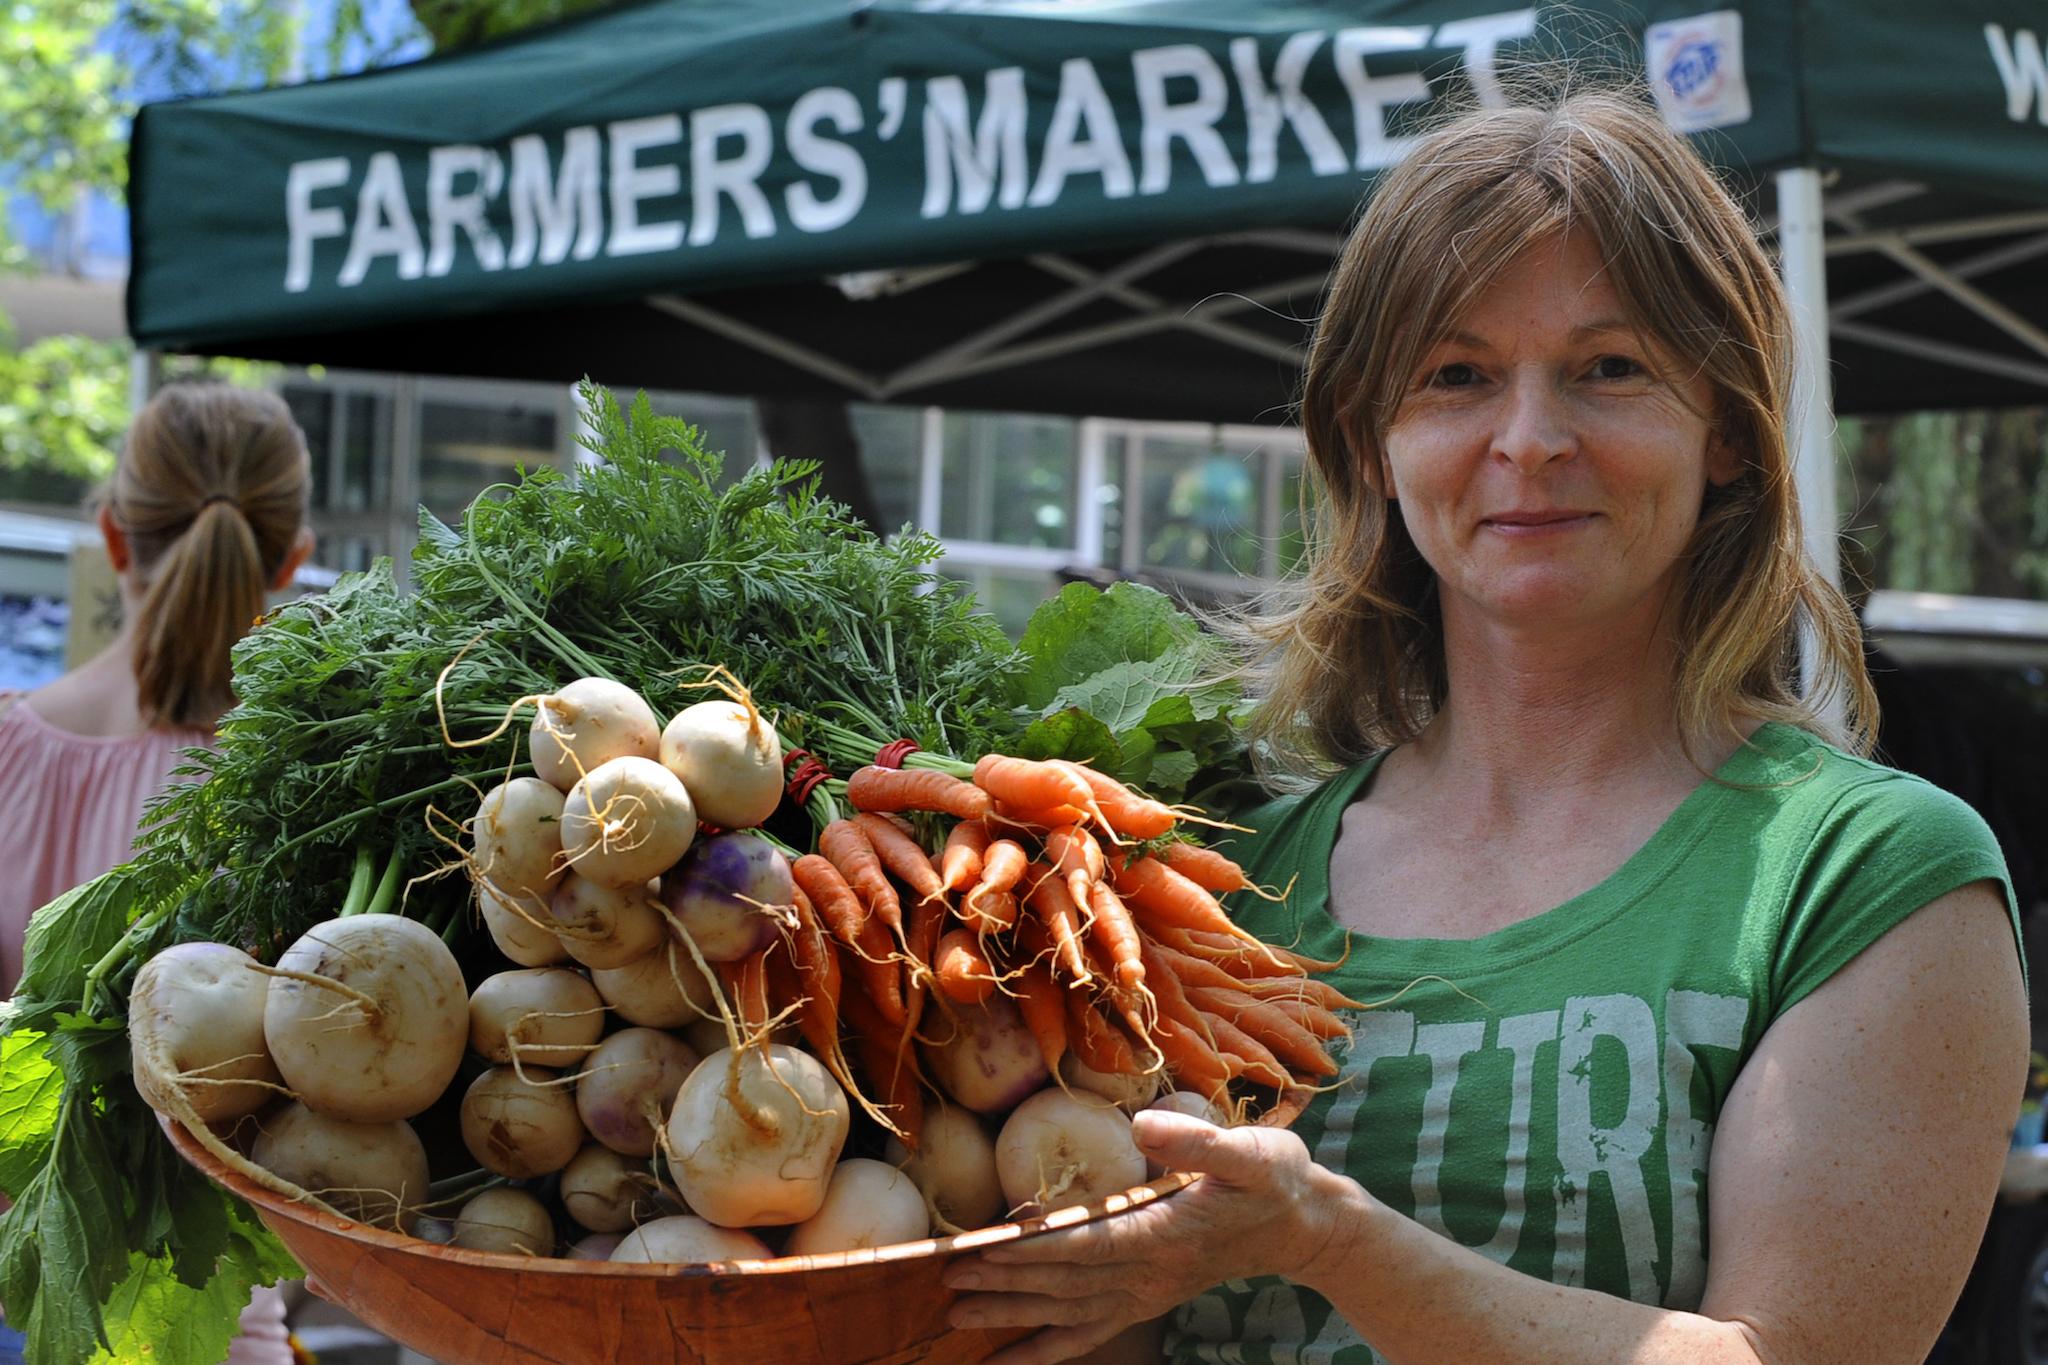 Clark Park Farmers' Market is one of the best farmers' markets in Philadelphia